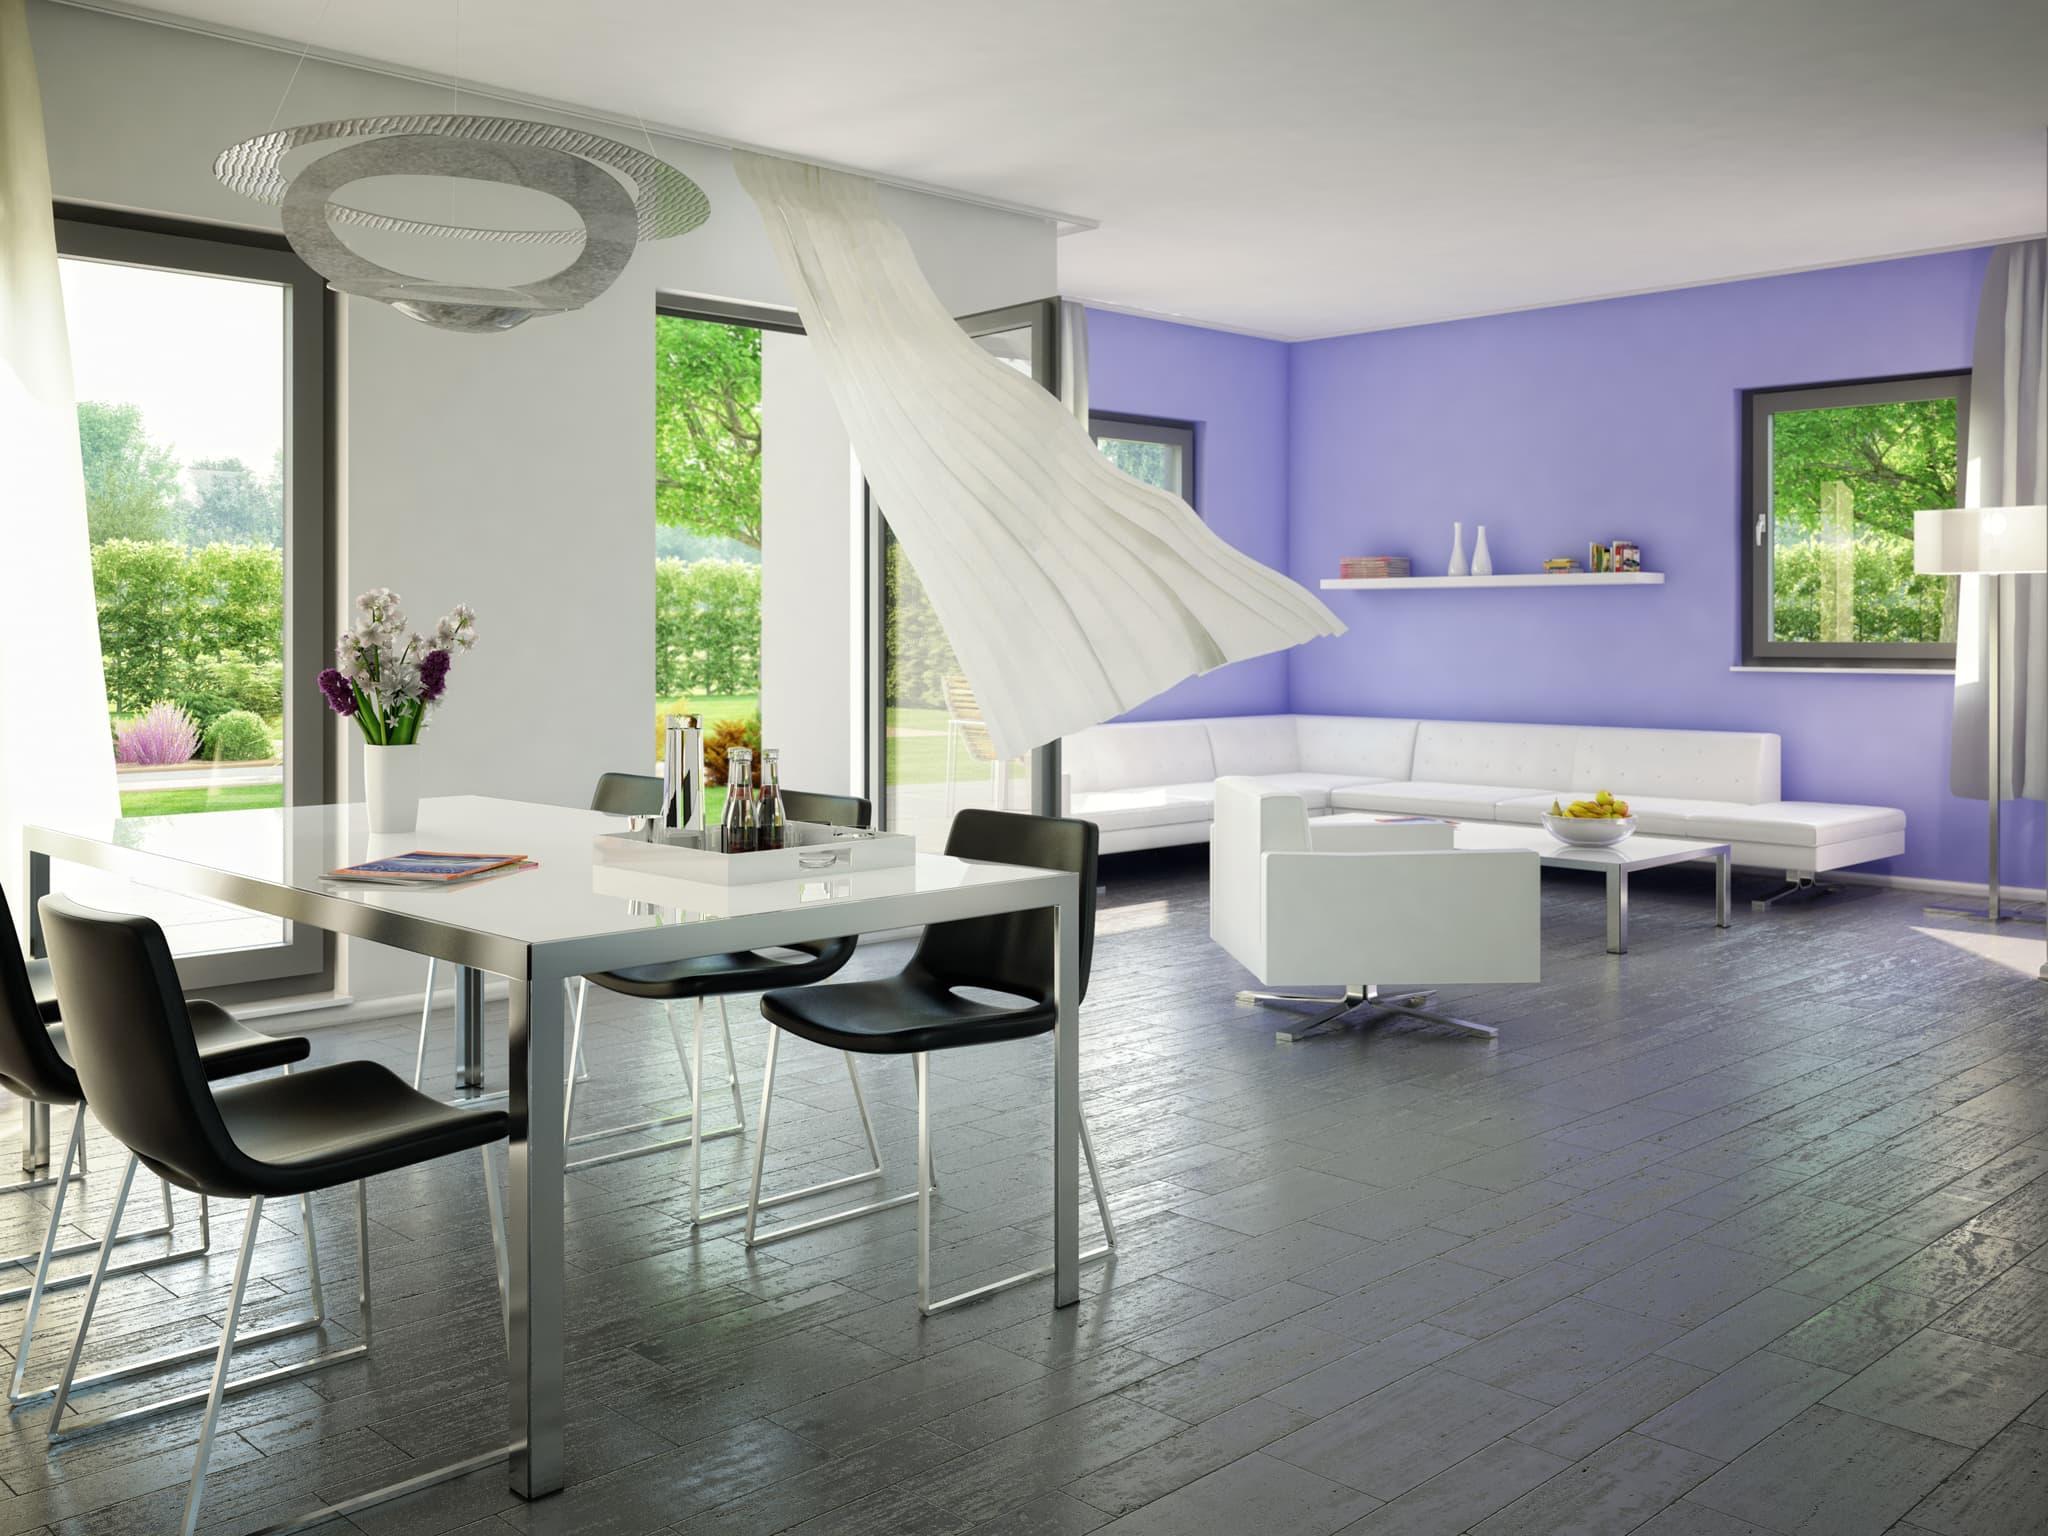 Inneneinrichtung Wohn-Esszimmer Evolution 148 Bien Zenker Haus